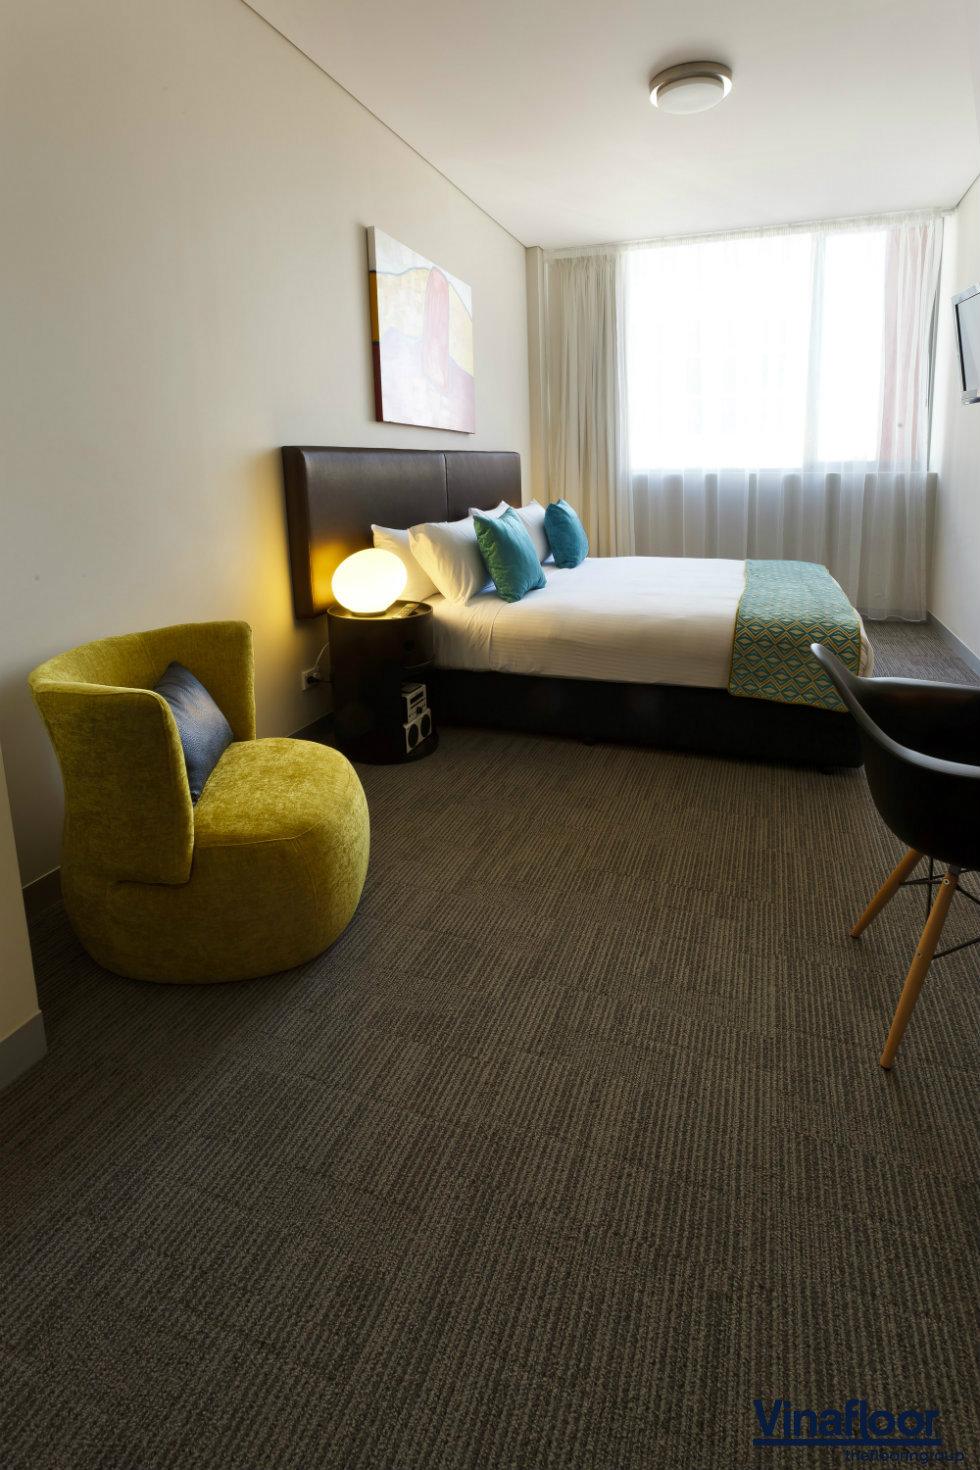 thảm trải sàn khách sạn dạng tấm